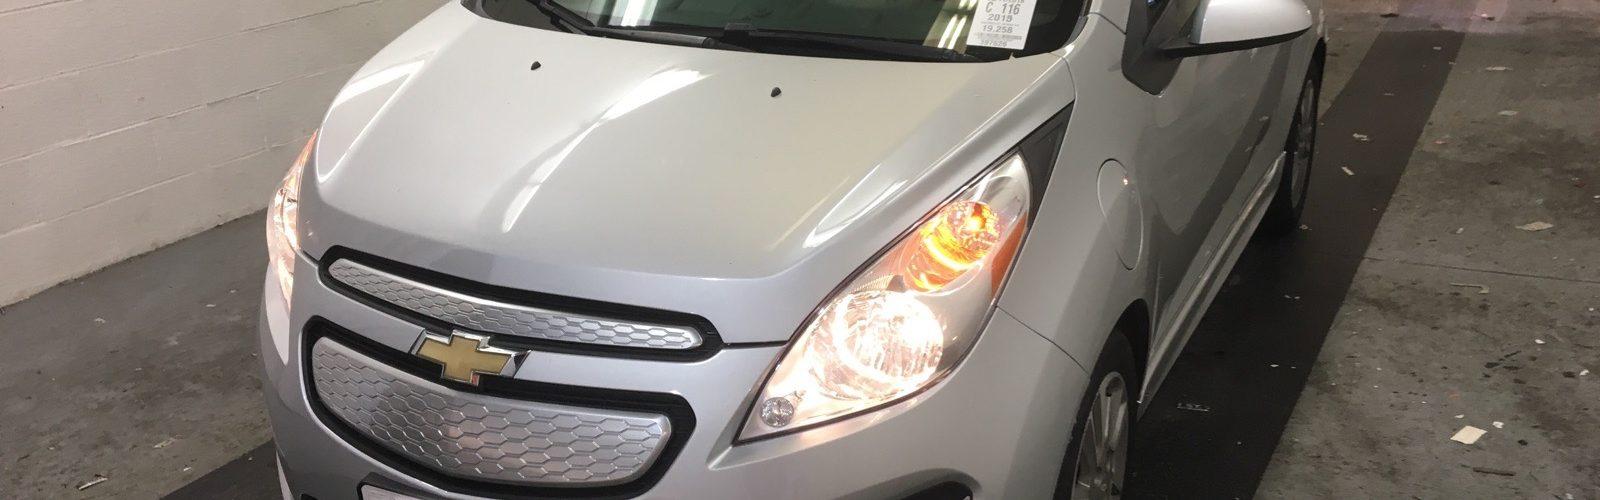 CHEVY SPARK EV 2LT 2015 – 30 993  Km – Charge rapide 400V – Seulement 15 371 $ avec la subvention – DISPONIBLE